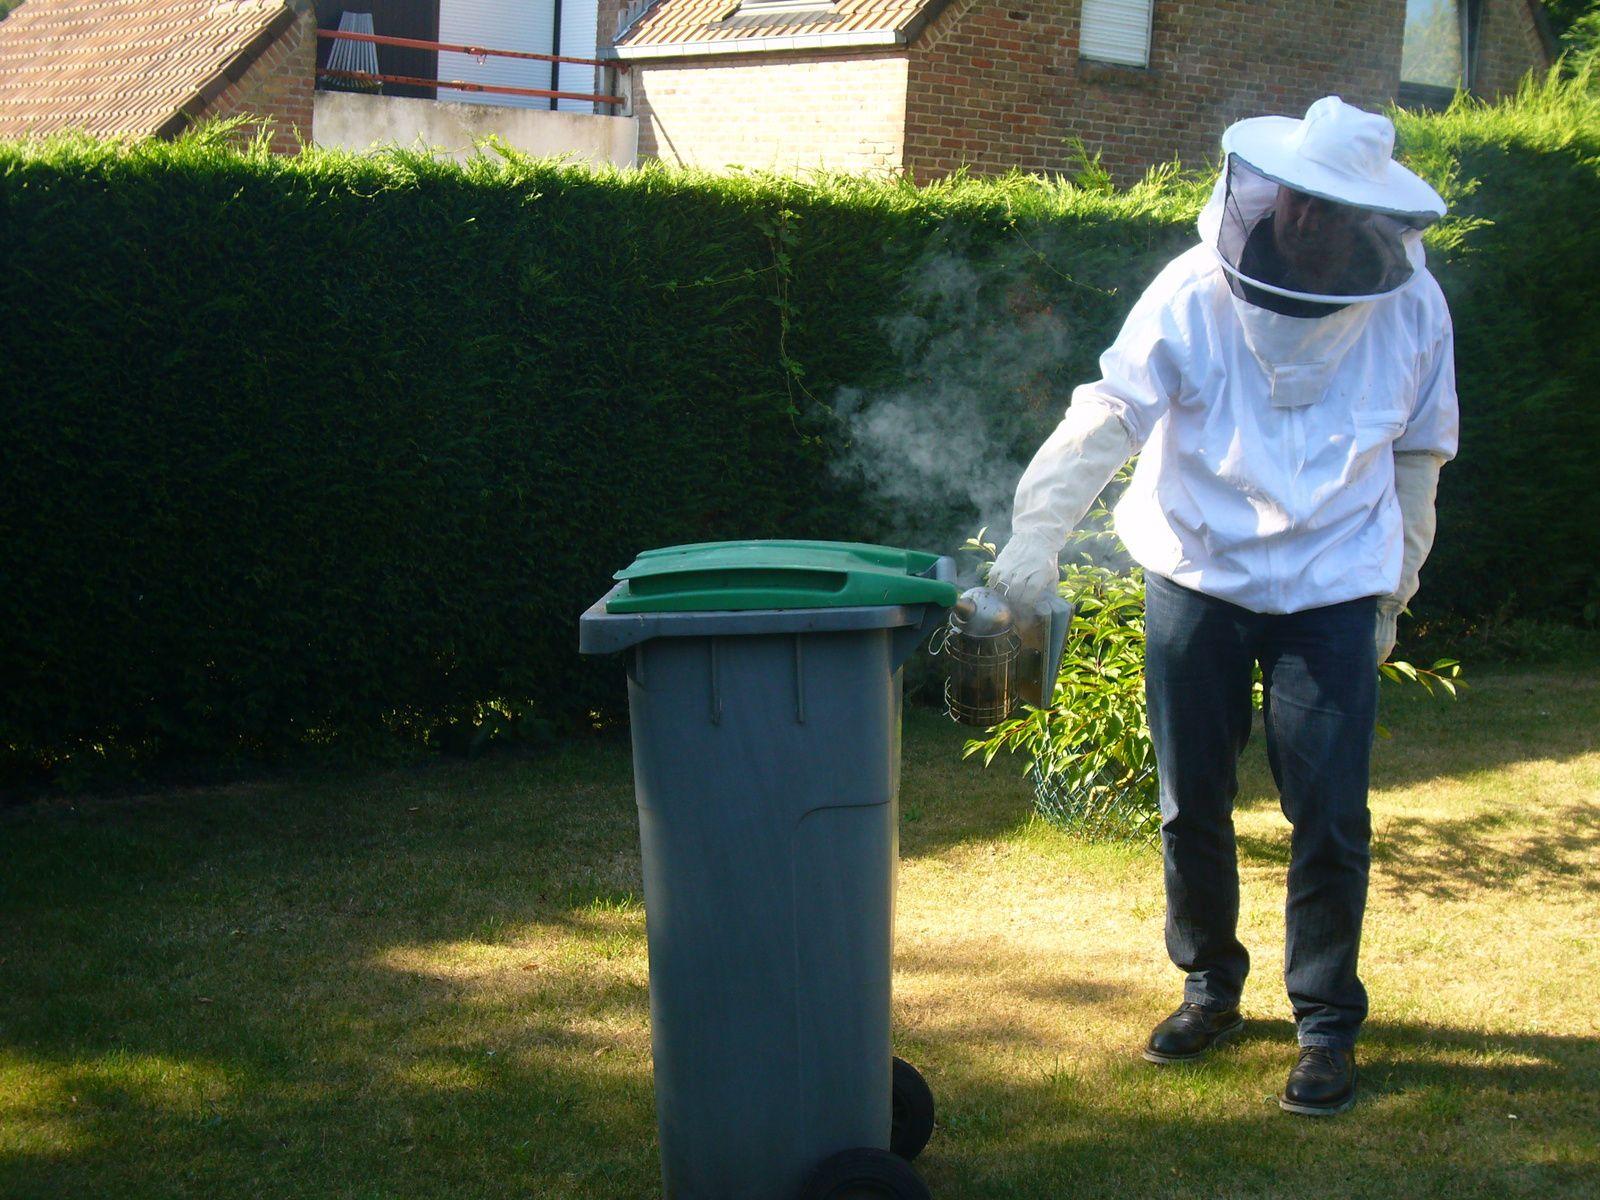 Essaim récupéré dans une poubelle de déchets de jardin